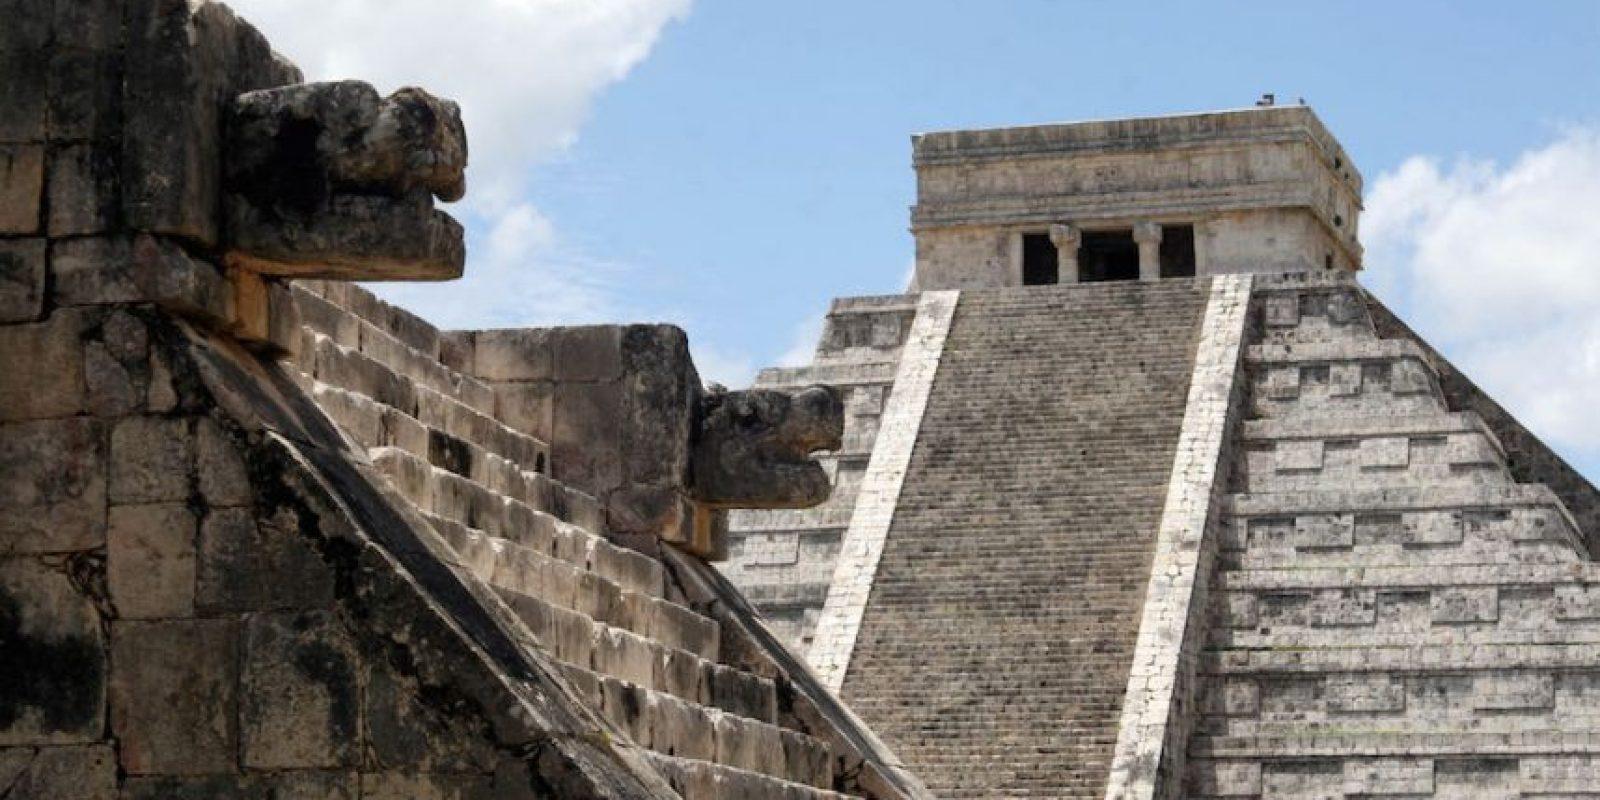 El estado de Yucatán tiene infinidad de bellezas naturales. Foto:Cuartoscuro/ Archivo